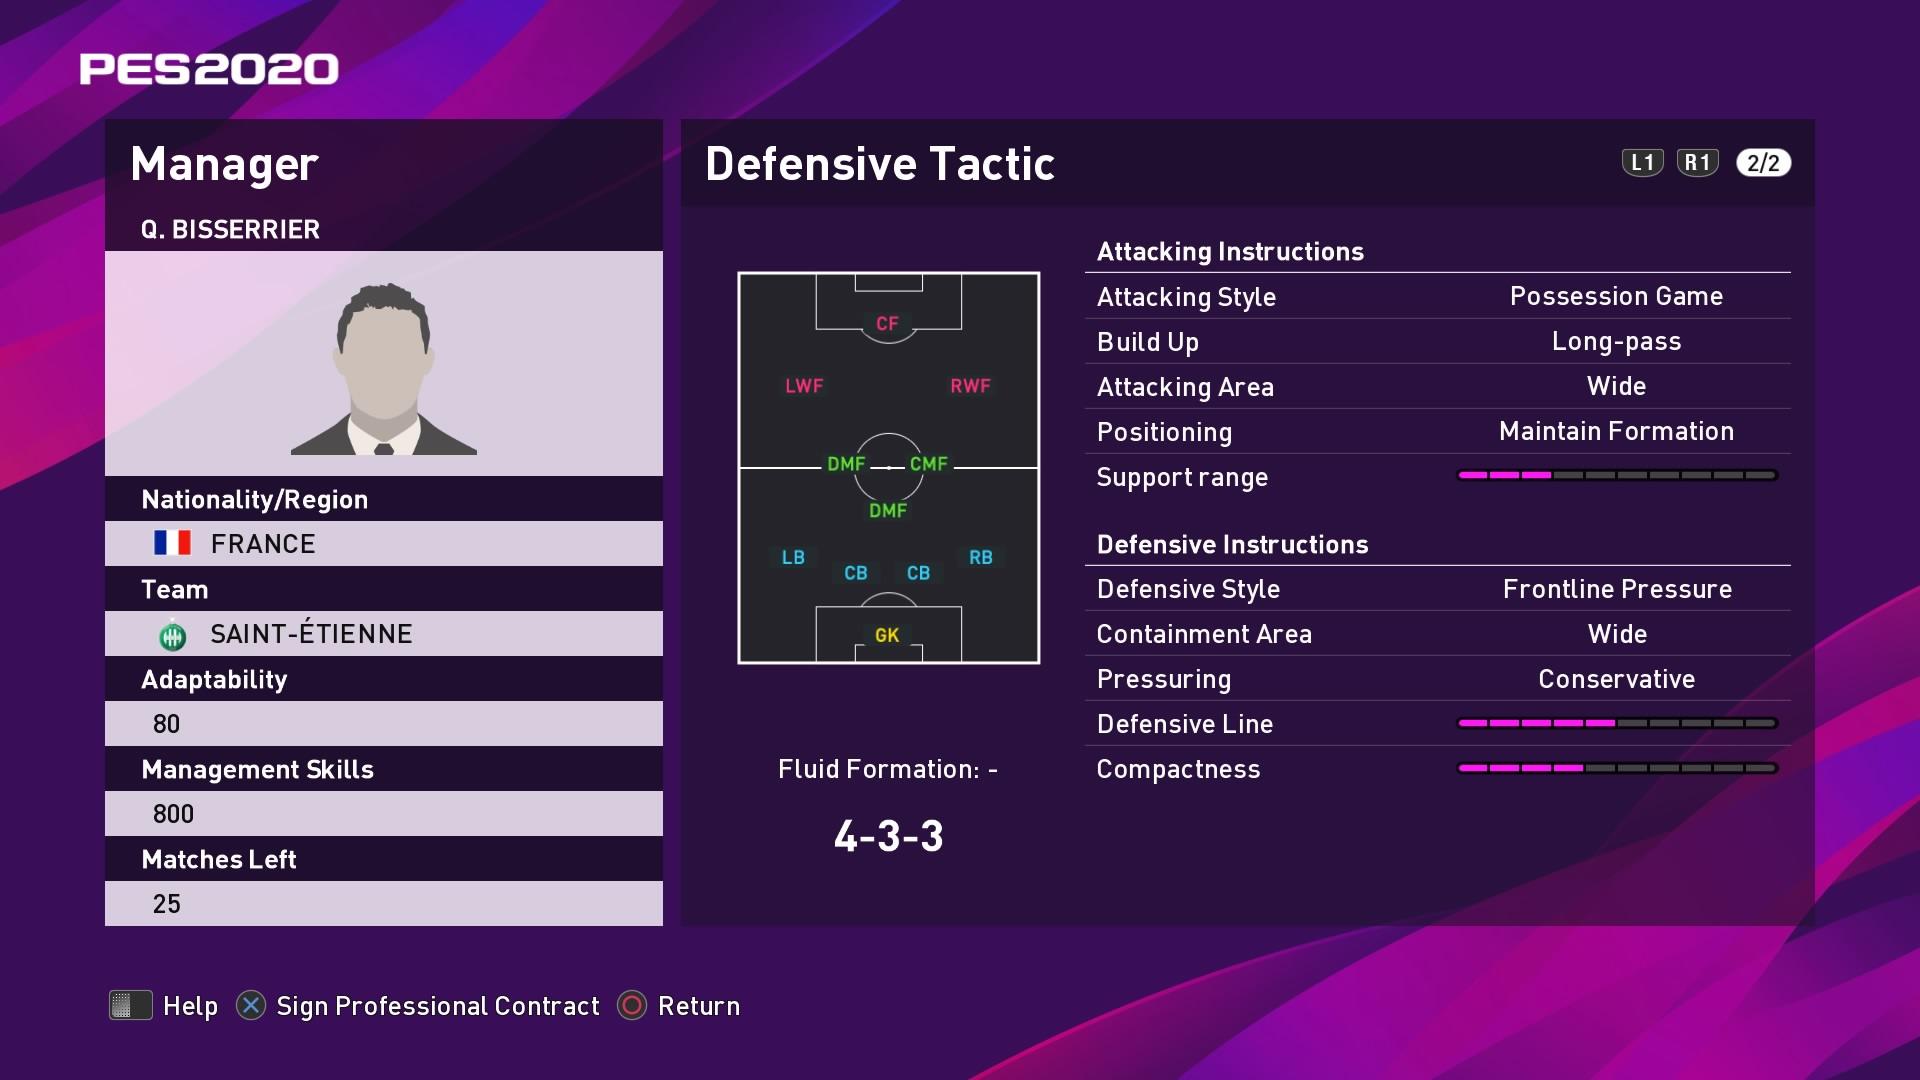 Q. Bisserrier (Claude Puel) Defensive Tactic in PES 2020 myClub